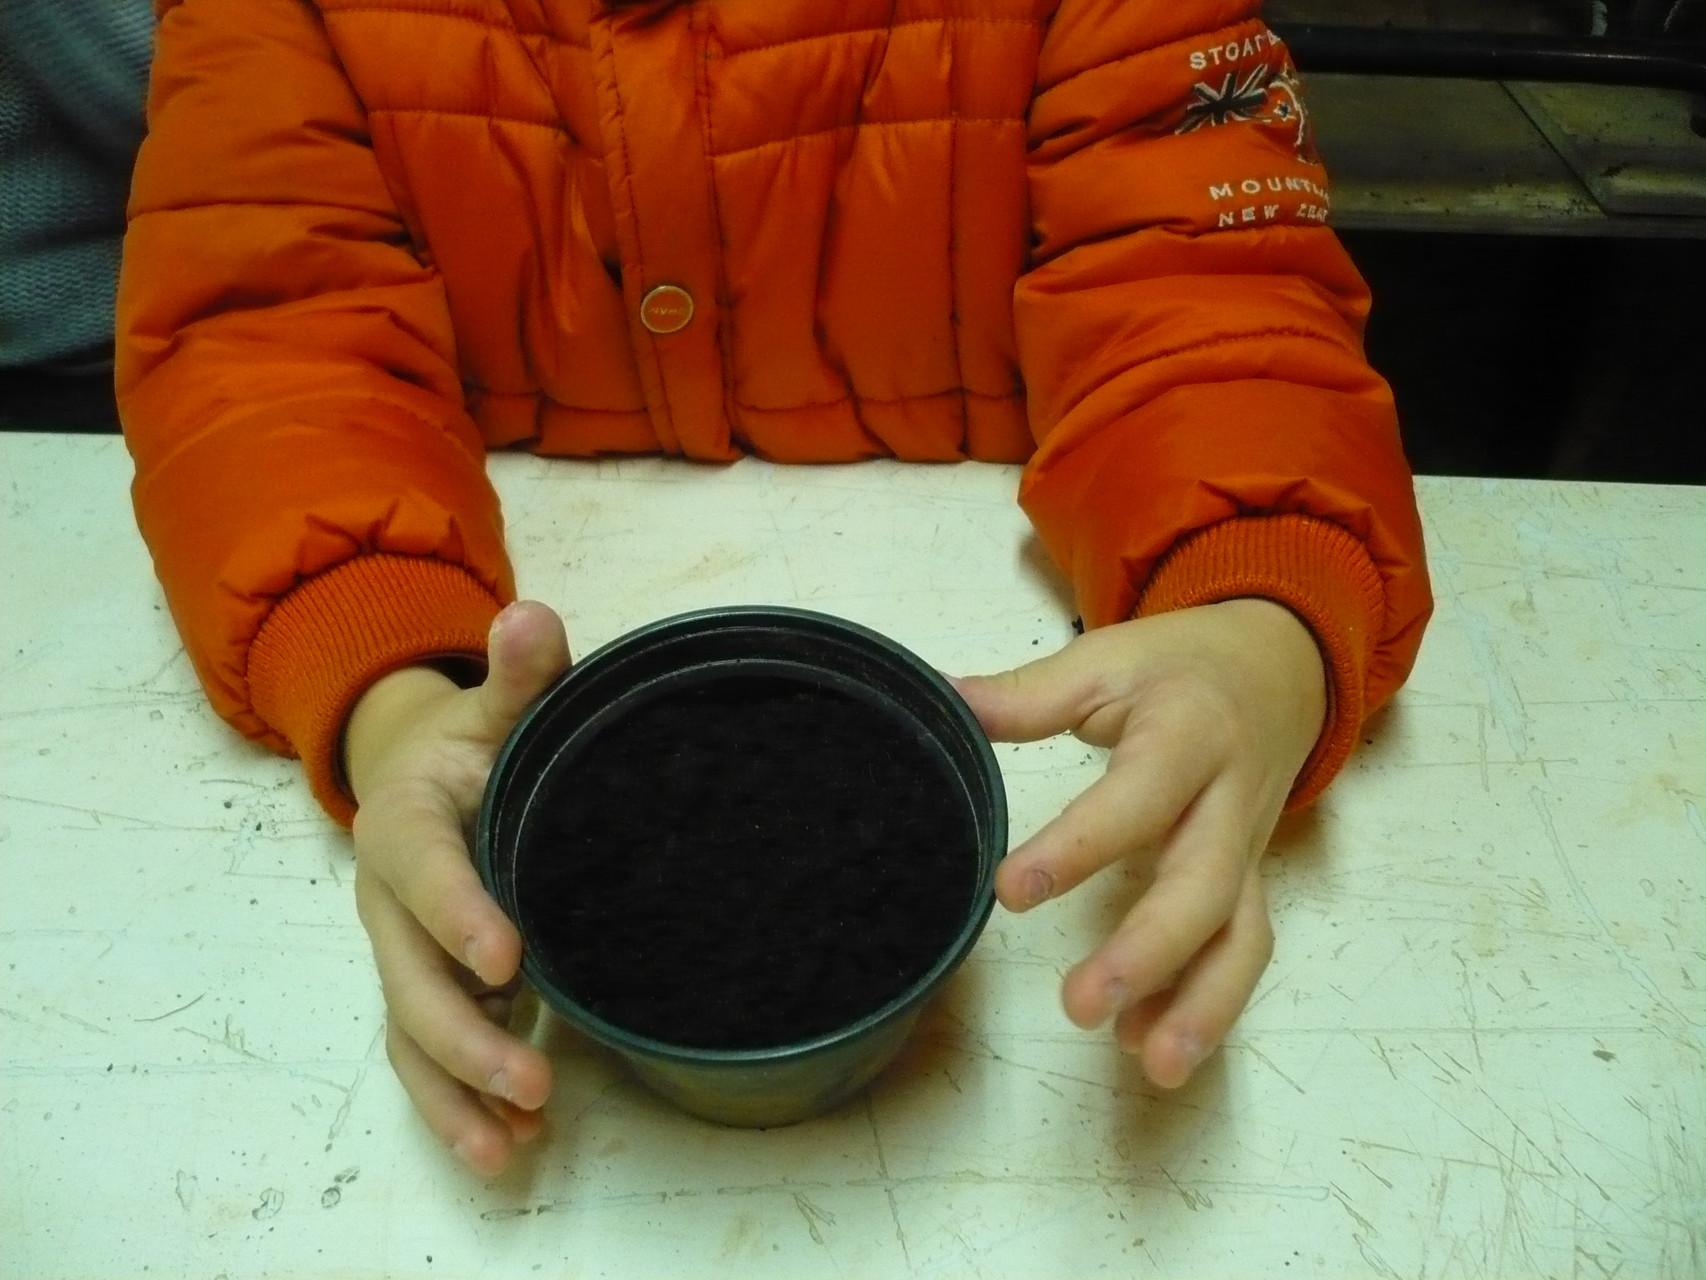 Voici les pots avec la terre © UNAT Centre